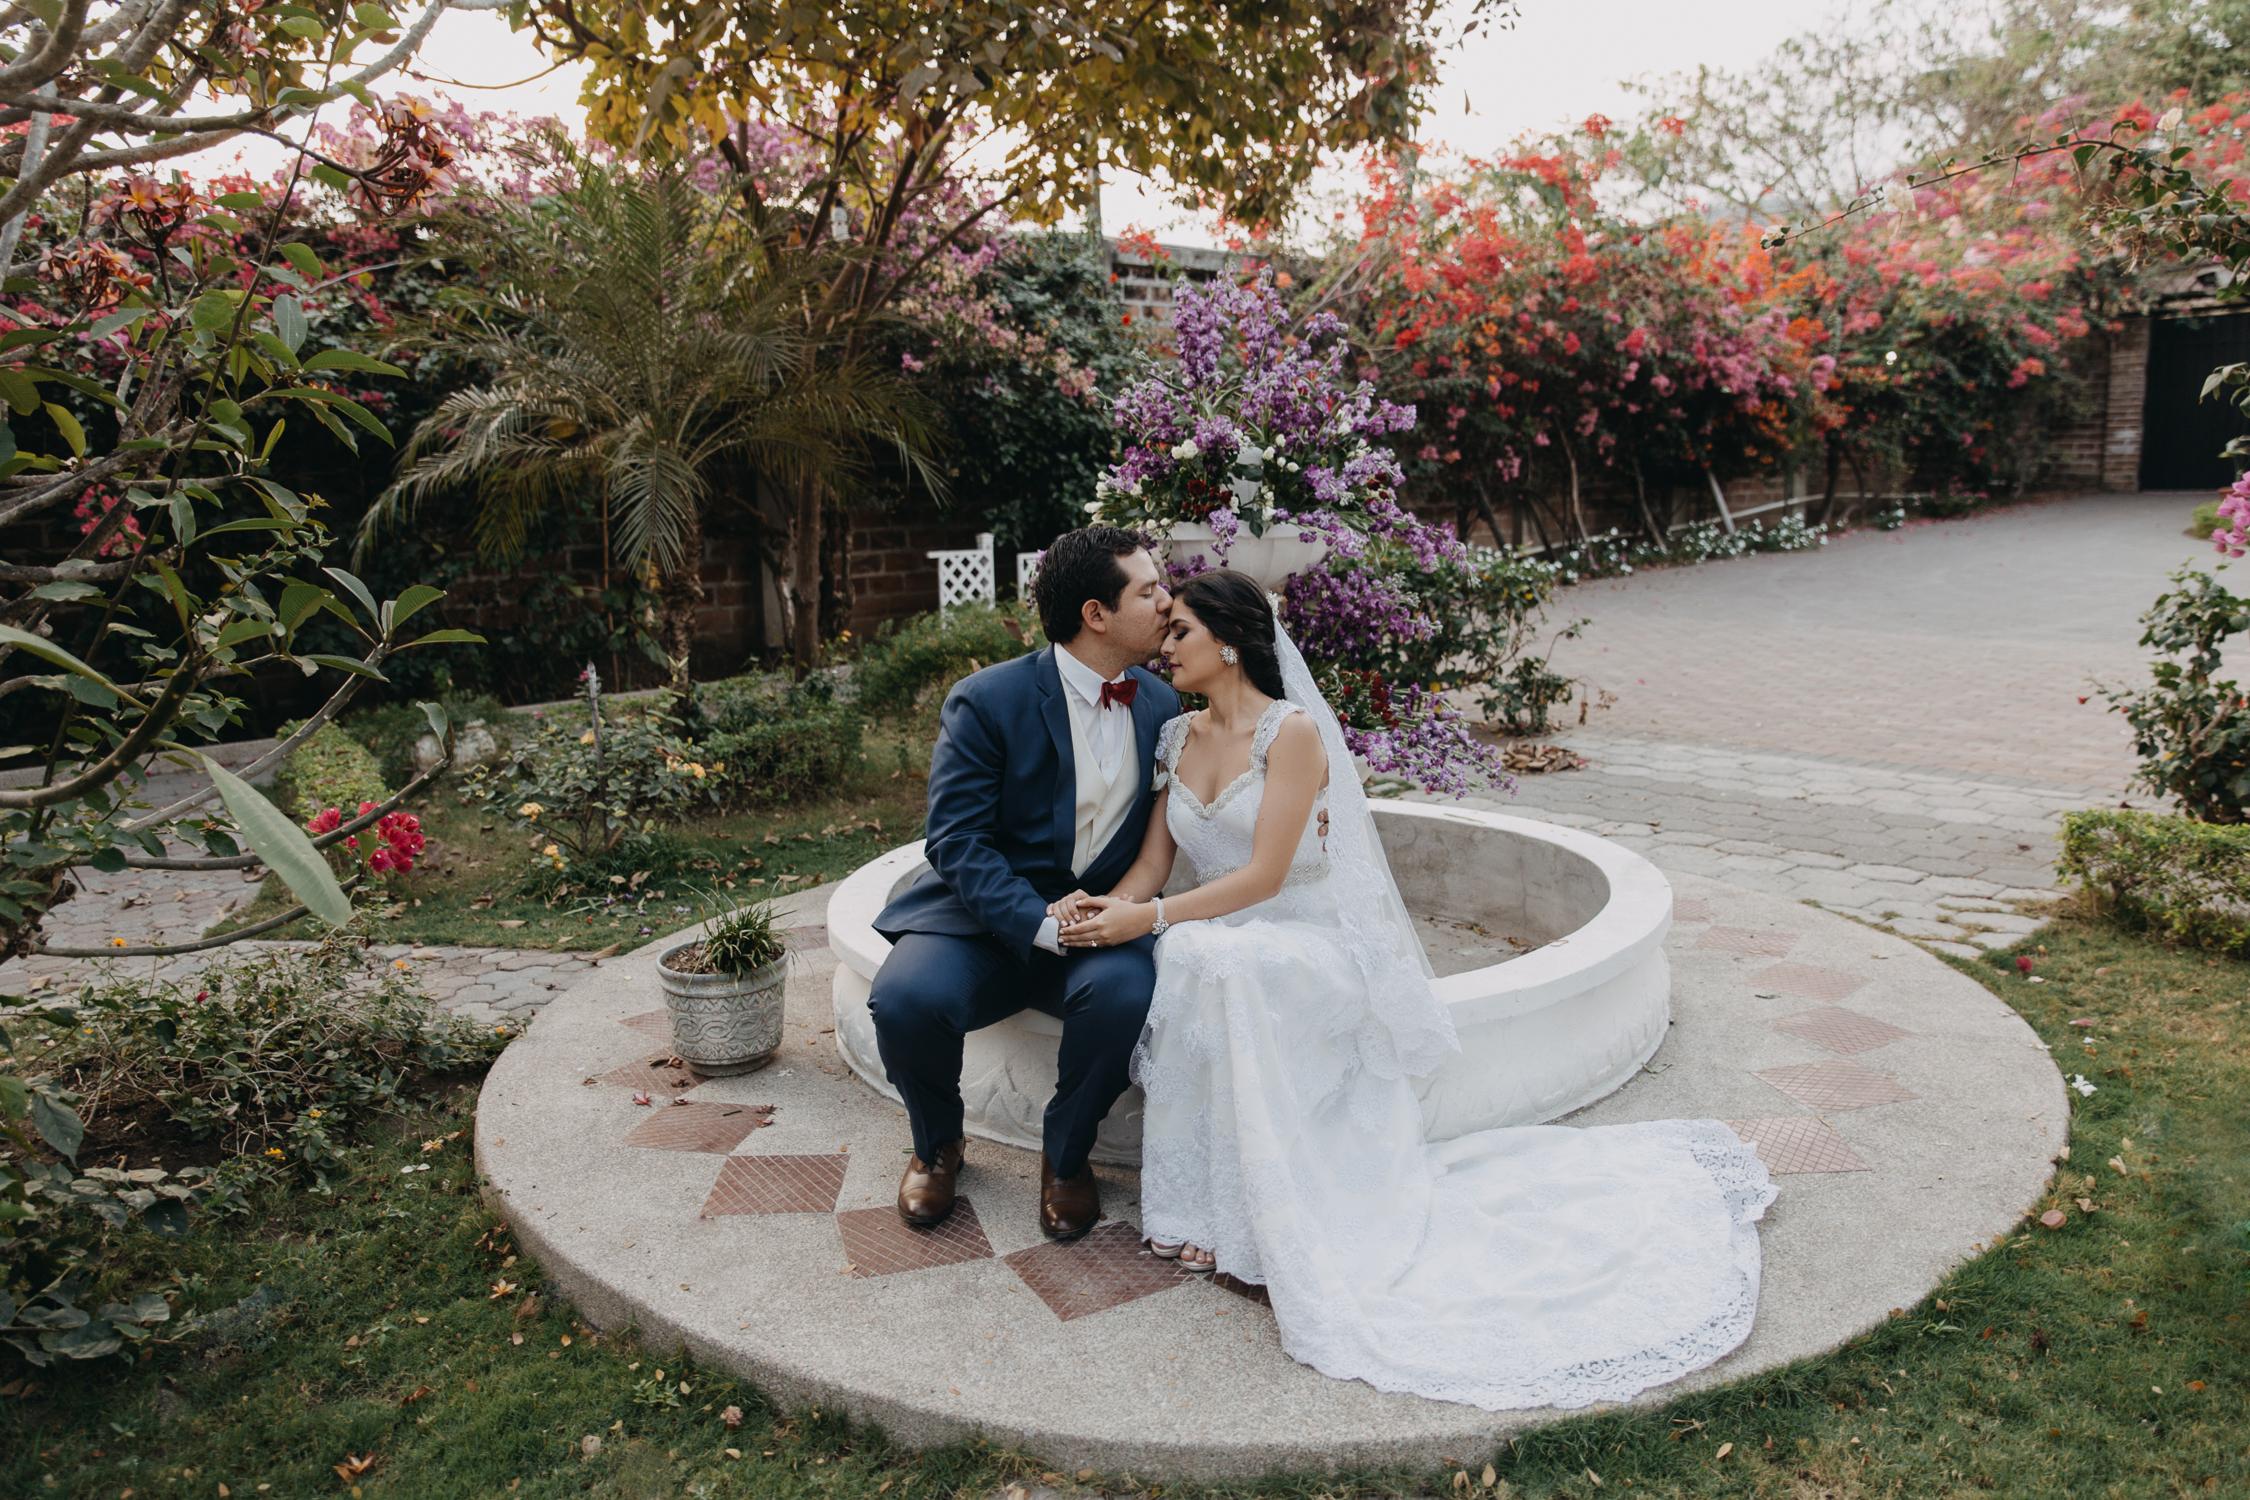 Michelle-Agurto-Fotografia-Bodas-Ecuador-Destination-Wedding-Photographer-Cristi-Luis-114.JPG